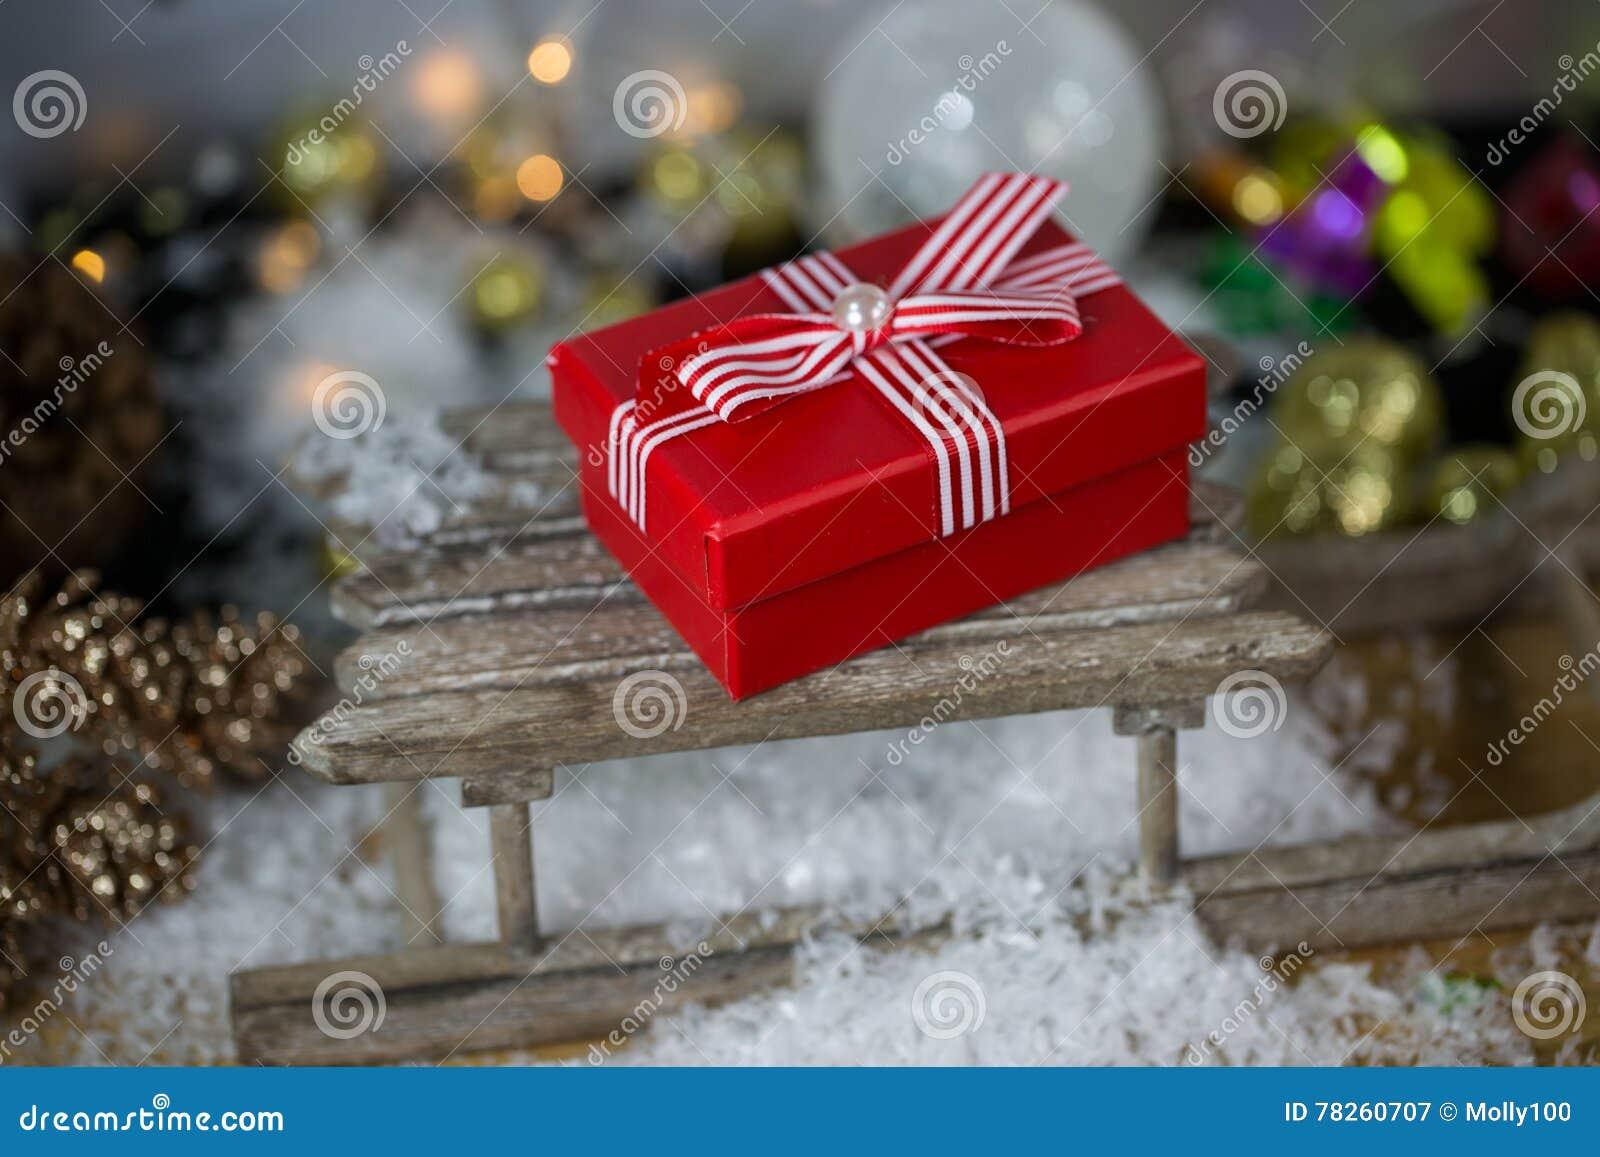 Δώρο Χριστουγέννων με τις σφαίρες χριστουγεννιάτικων δέντρων,